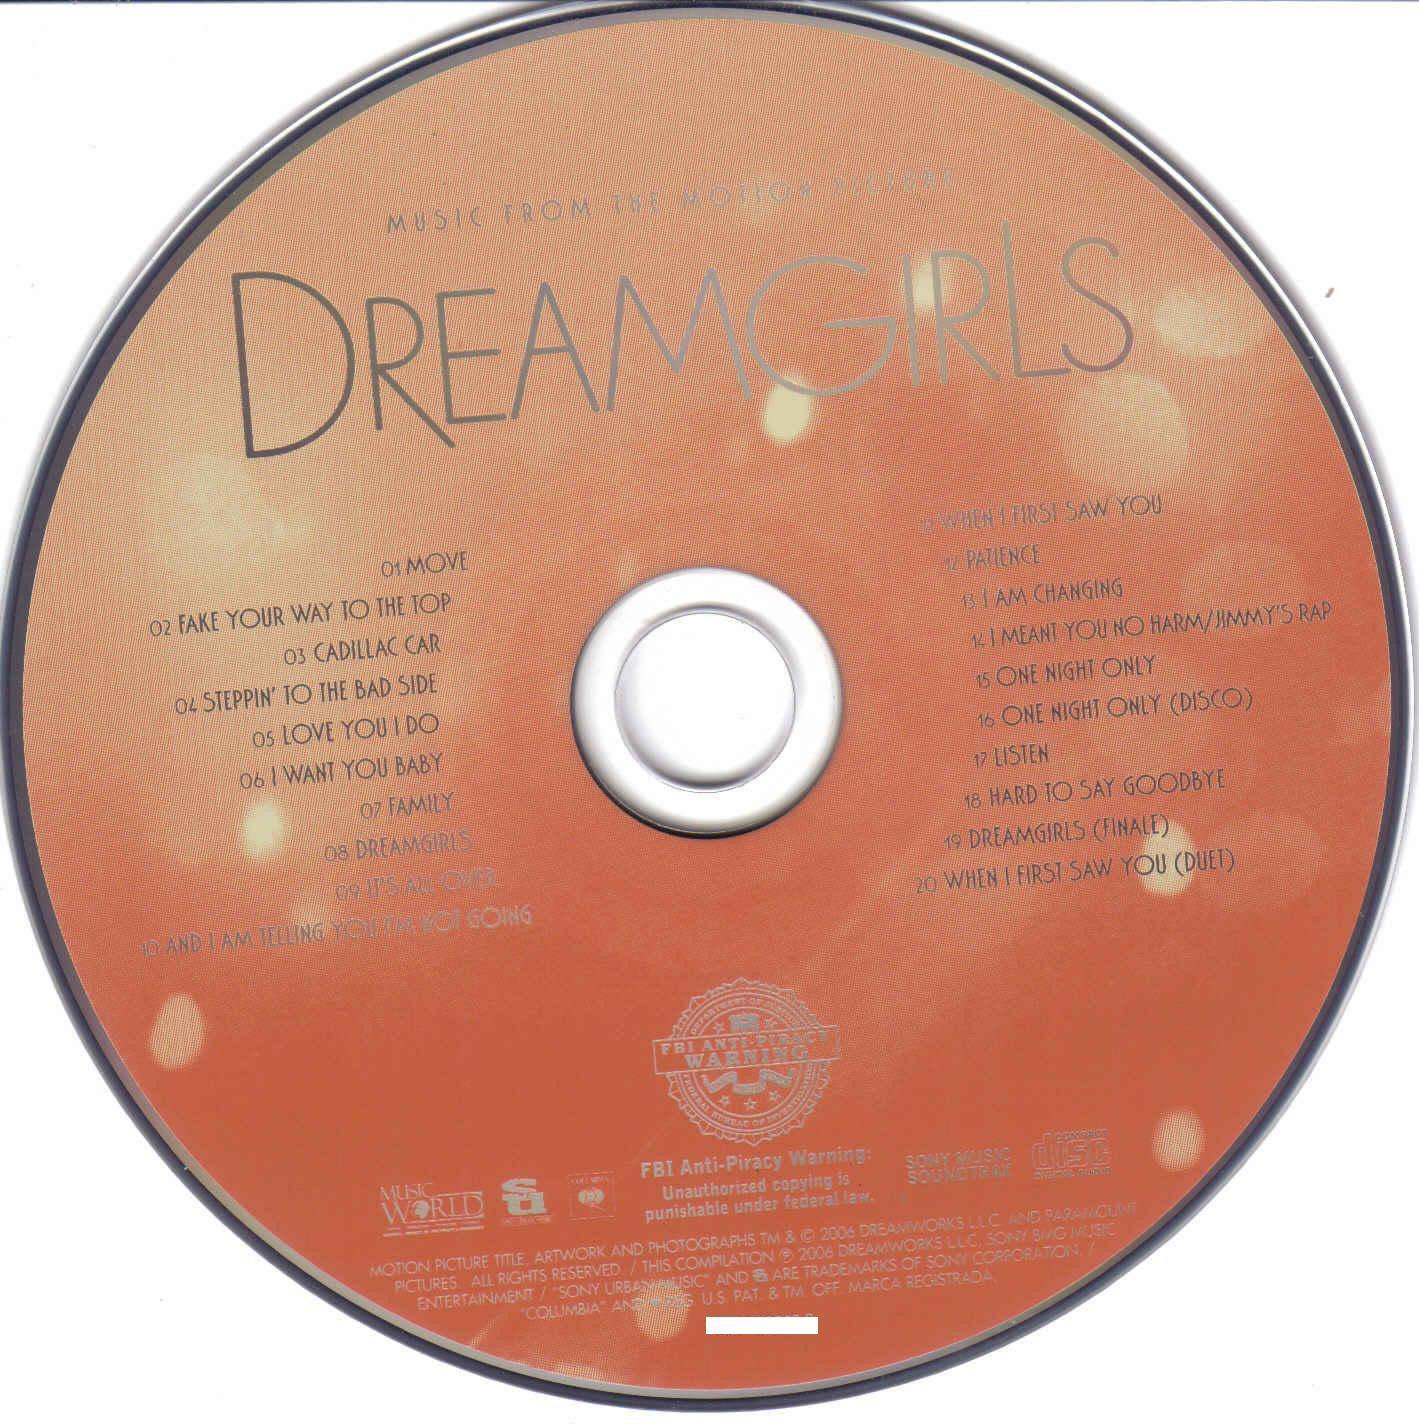 http://2.bp.blogspot.com/_YJM766qf5ps/TSjBLJirDzI/AAAAAAAAO58/MT1oARqkM14/s1600/Dreamgirls%2B-%2BSoundtrack%2B-%2BCD.jpg